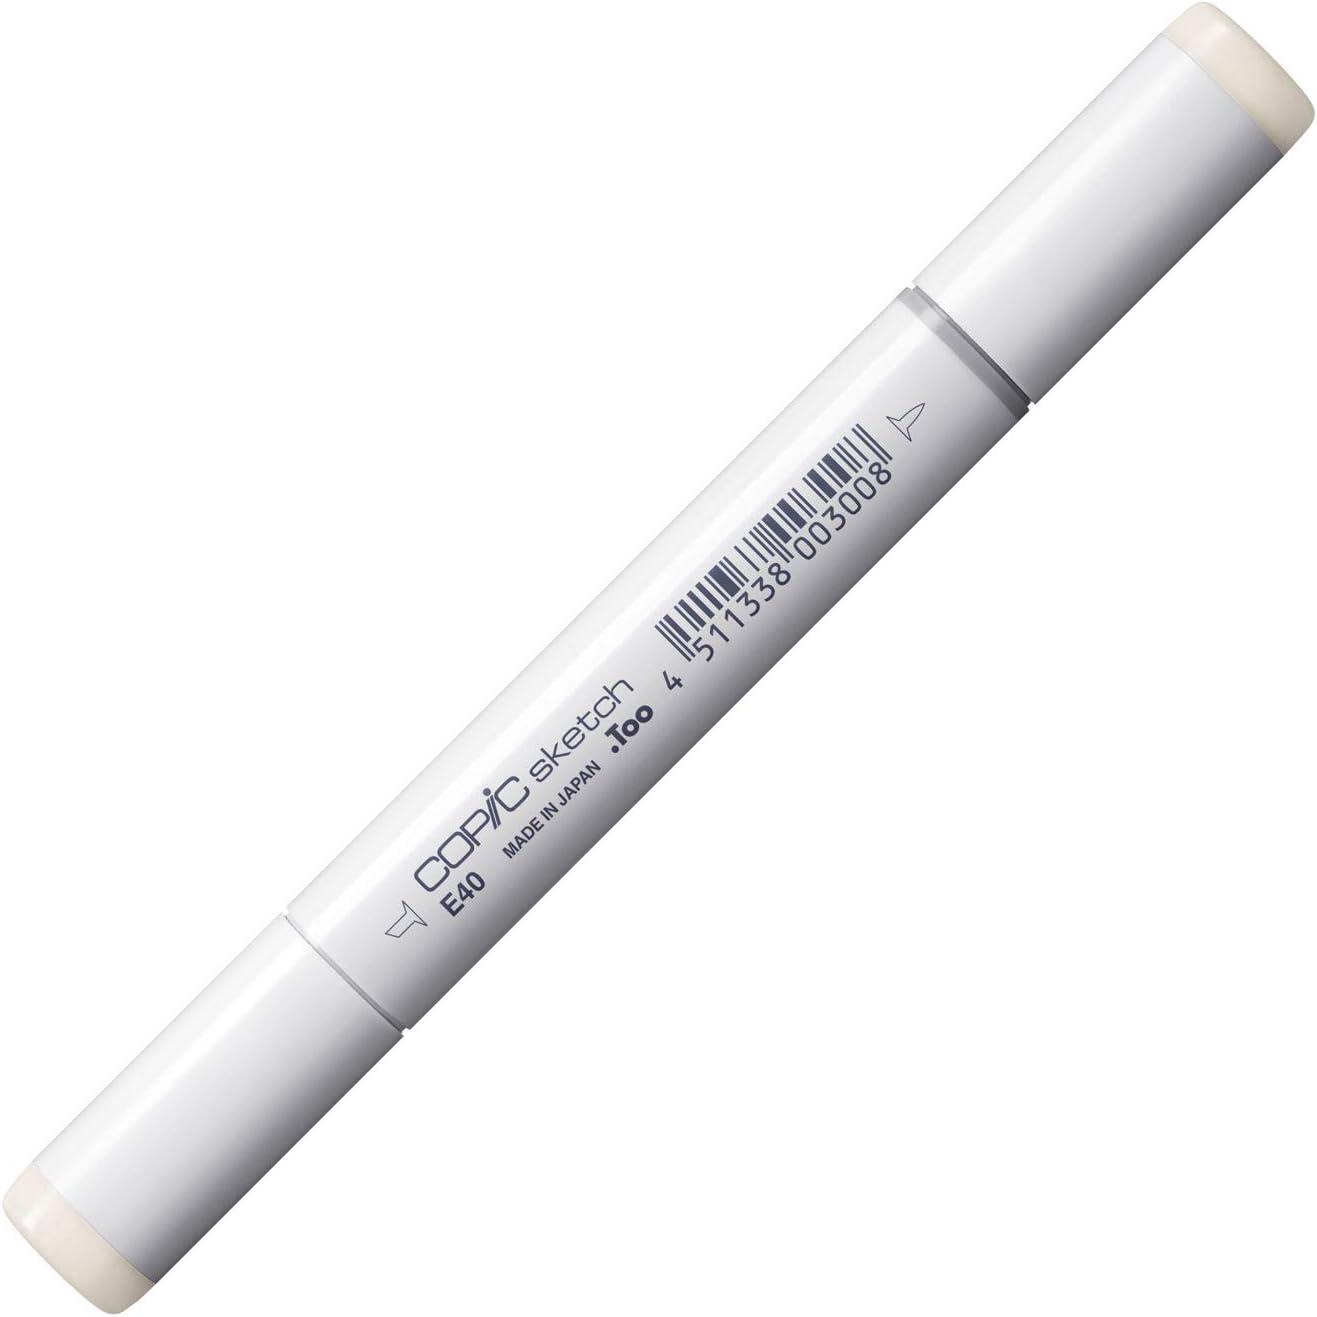 Copic Marker E40-Sketch, Brick White